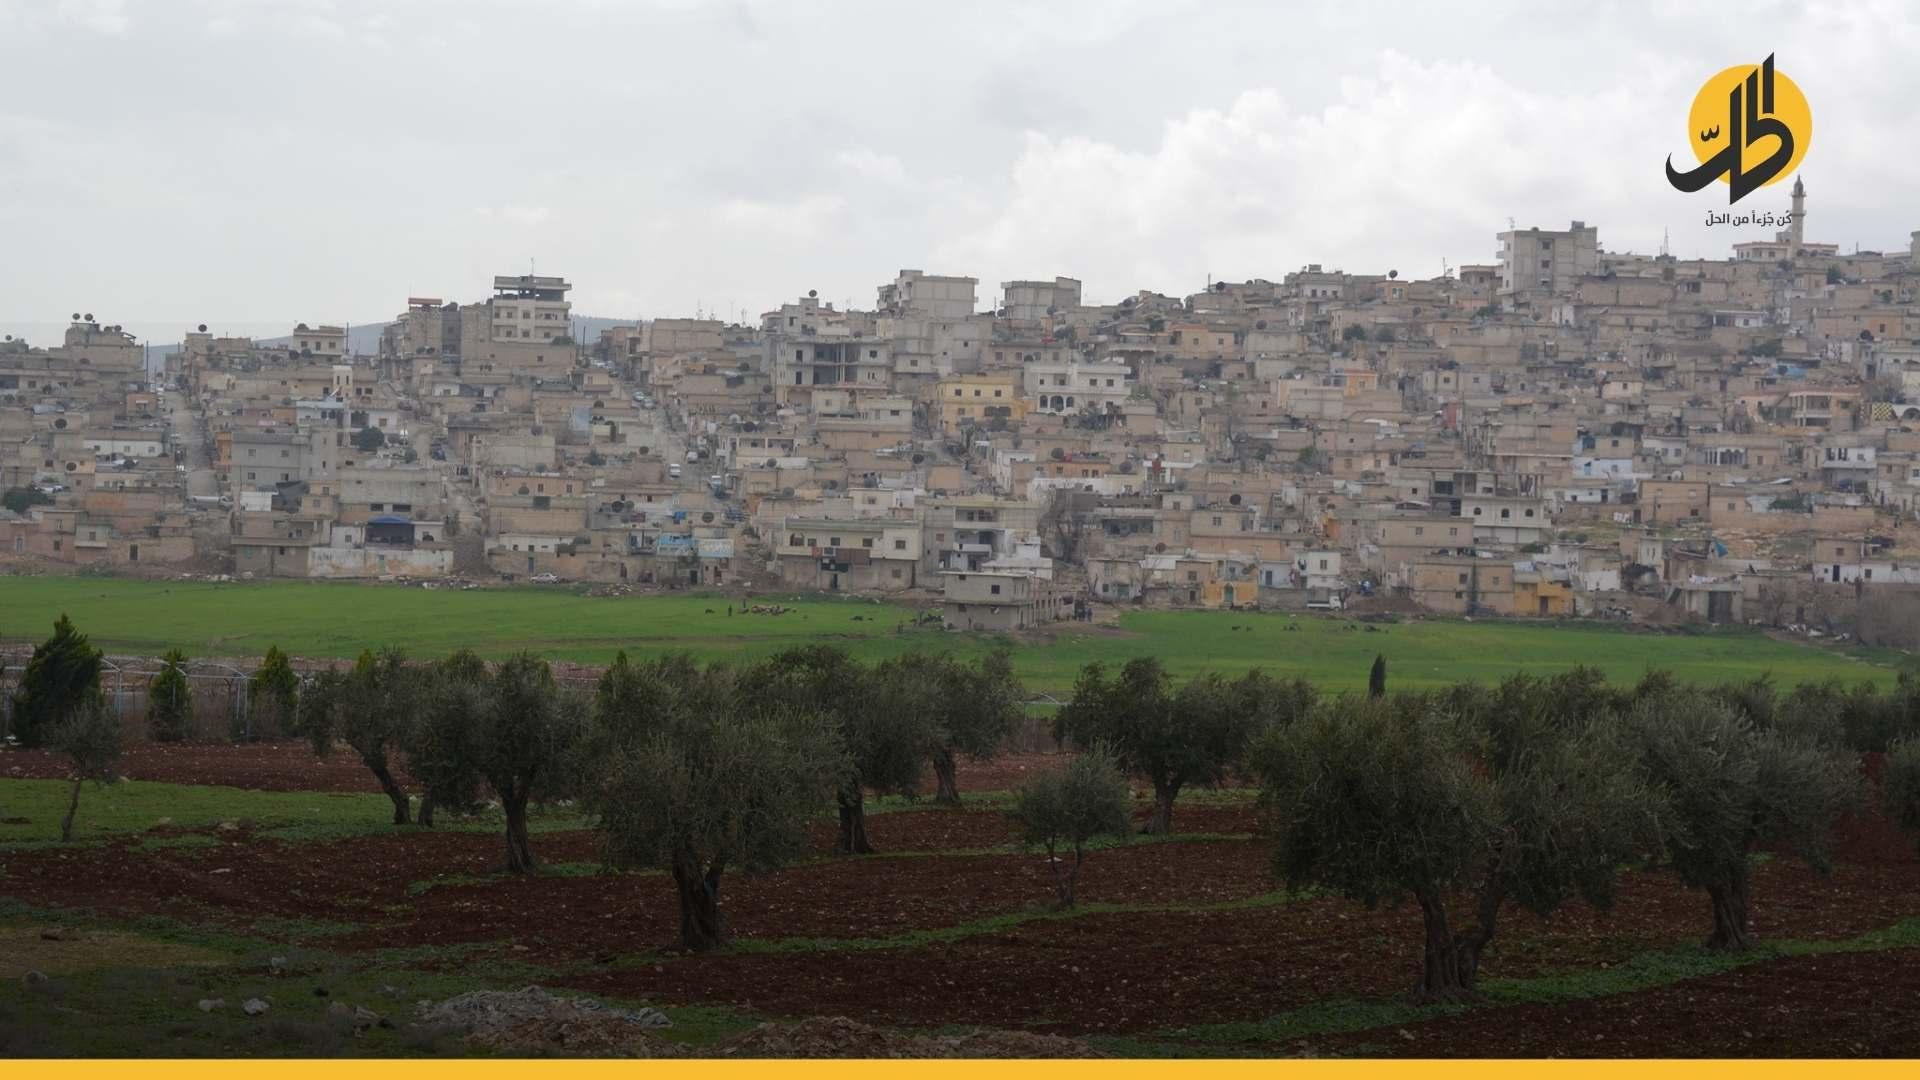 «الجيش الوطني» يستولي على ممتلكات 45 مدنياً بريف عفرين من بينها 15 ألف شجرة زيتون